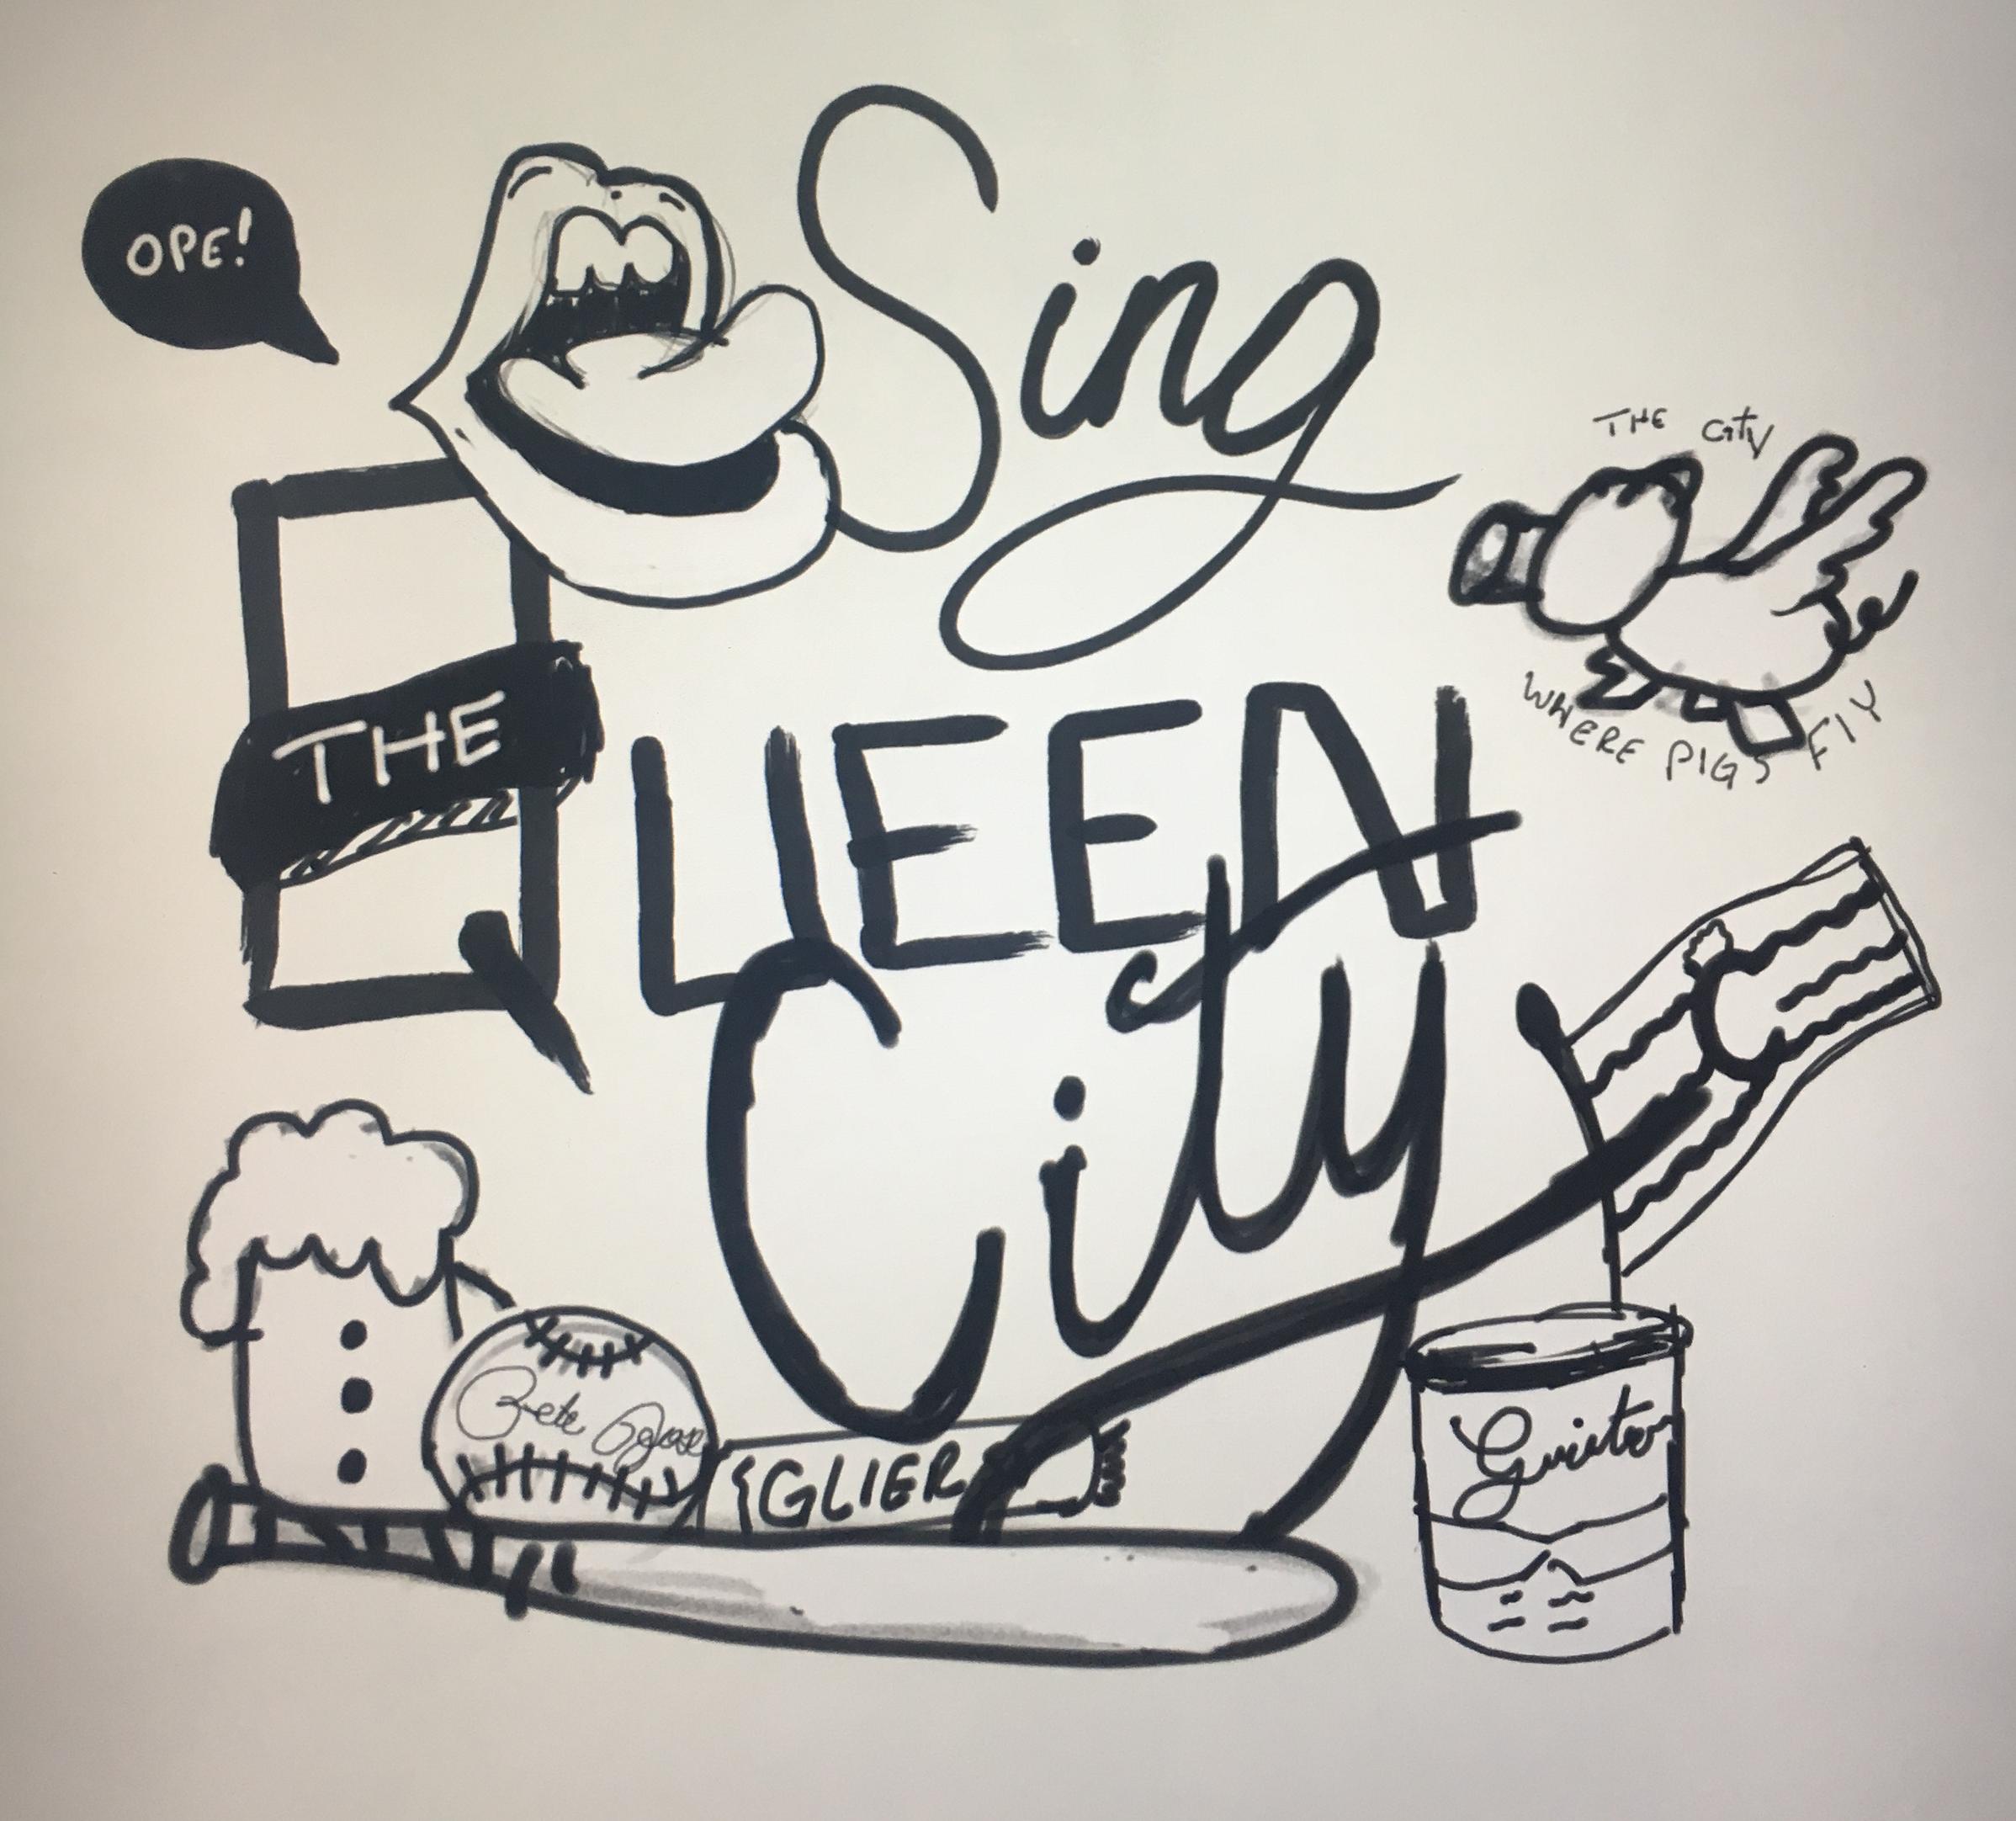 QueenCity_Sketch-1